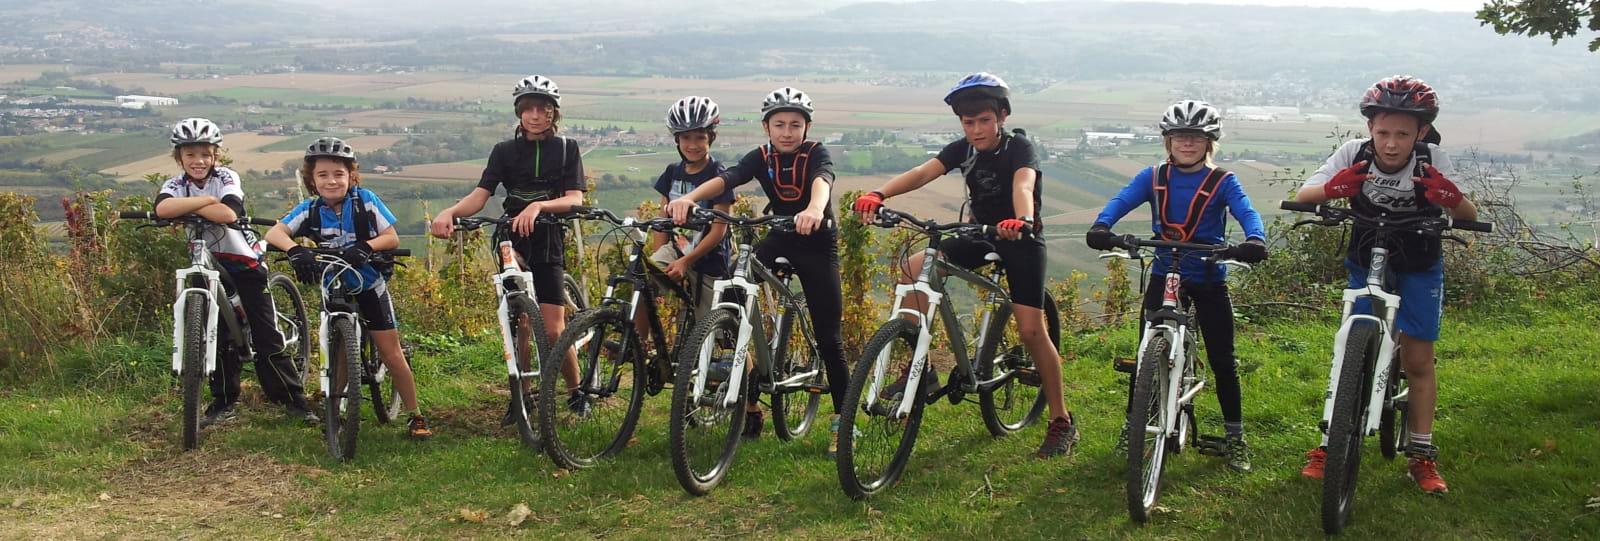 Tour de Pays VTT de la Drôme des Collines